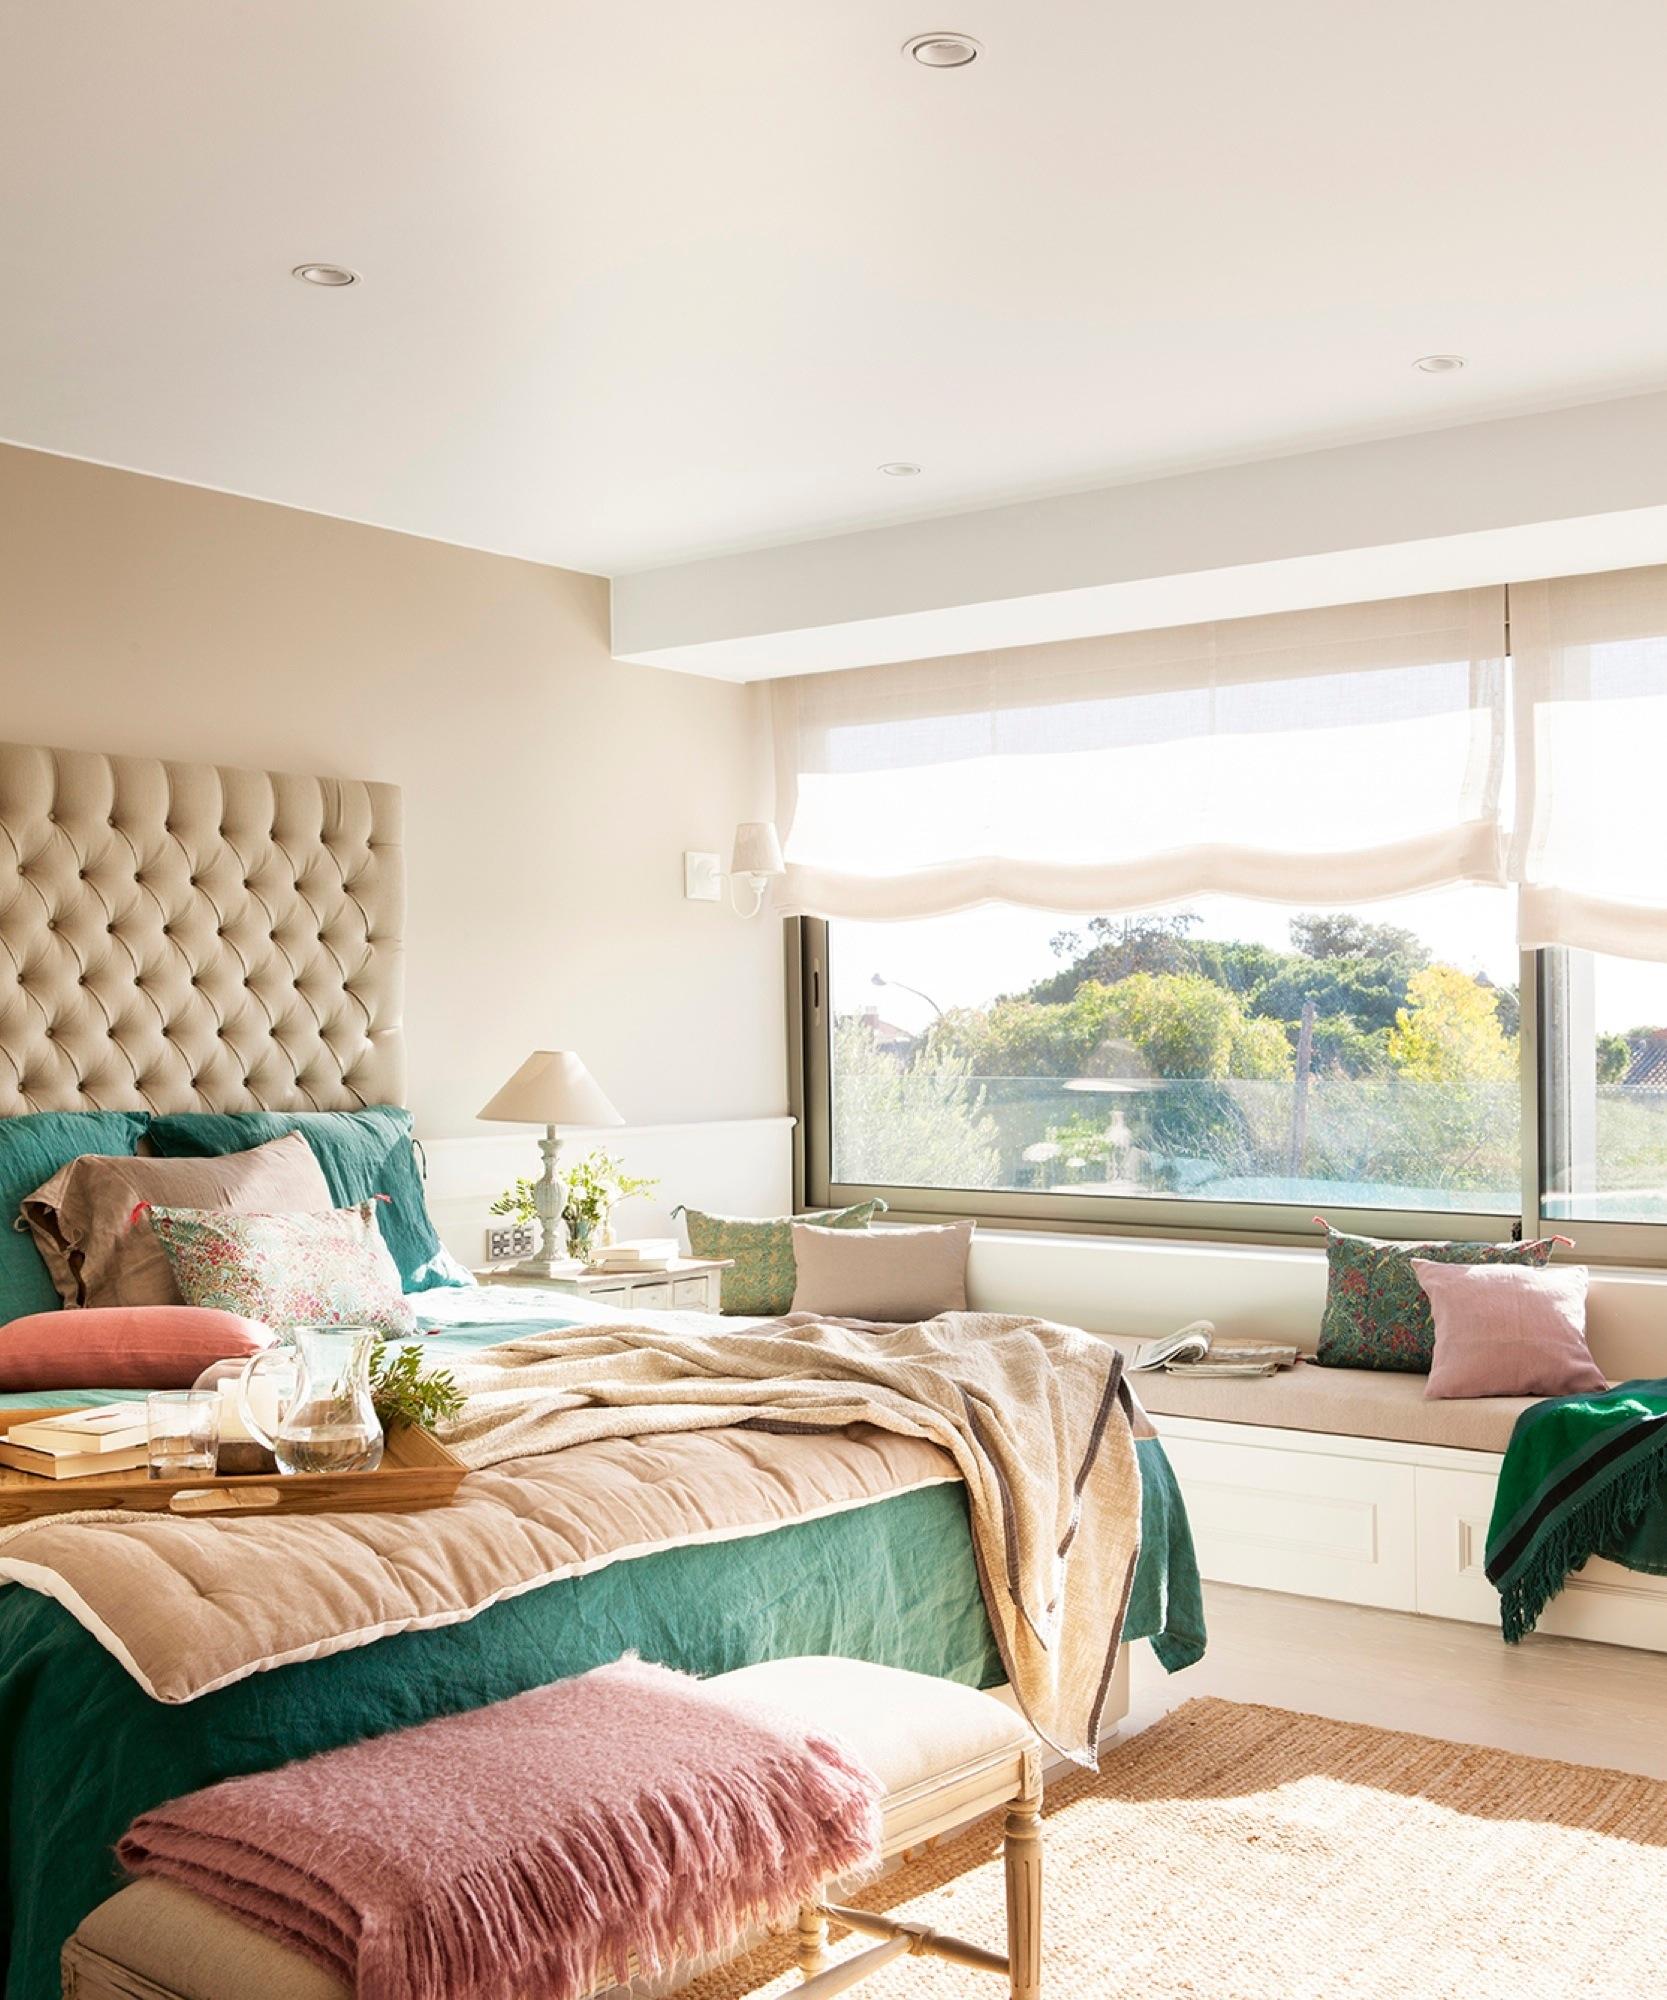 Muebles a medida bajo la ventana - Dormitorios en blanco y madera ...